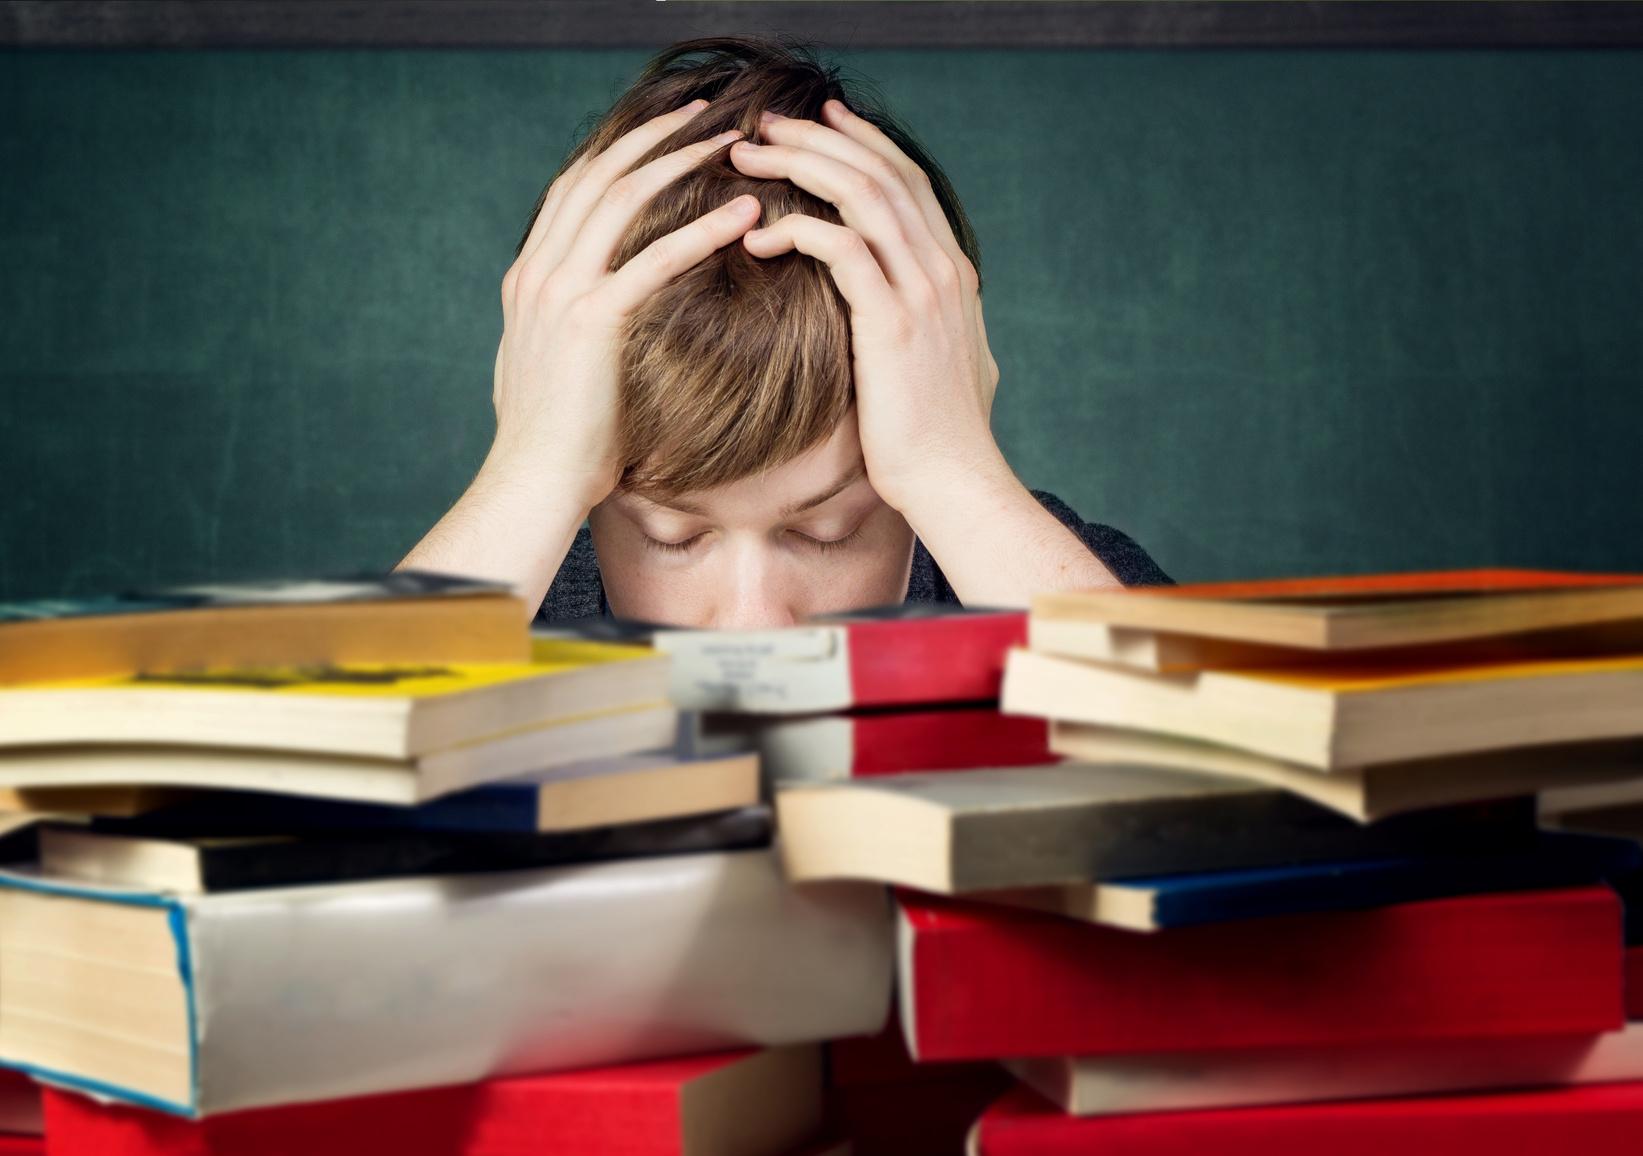 Studievaardigheden, plannen en time-managment